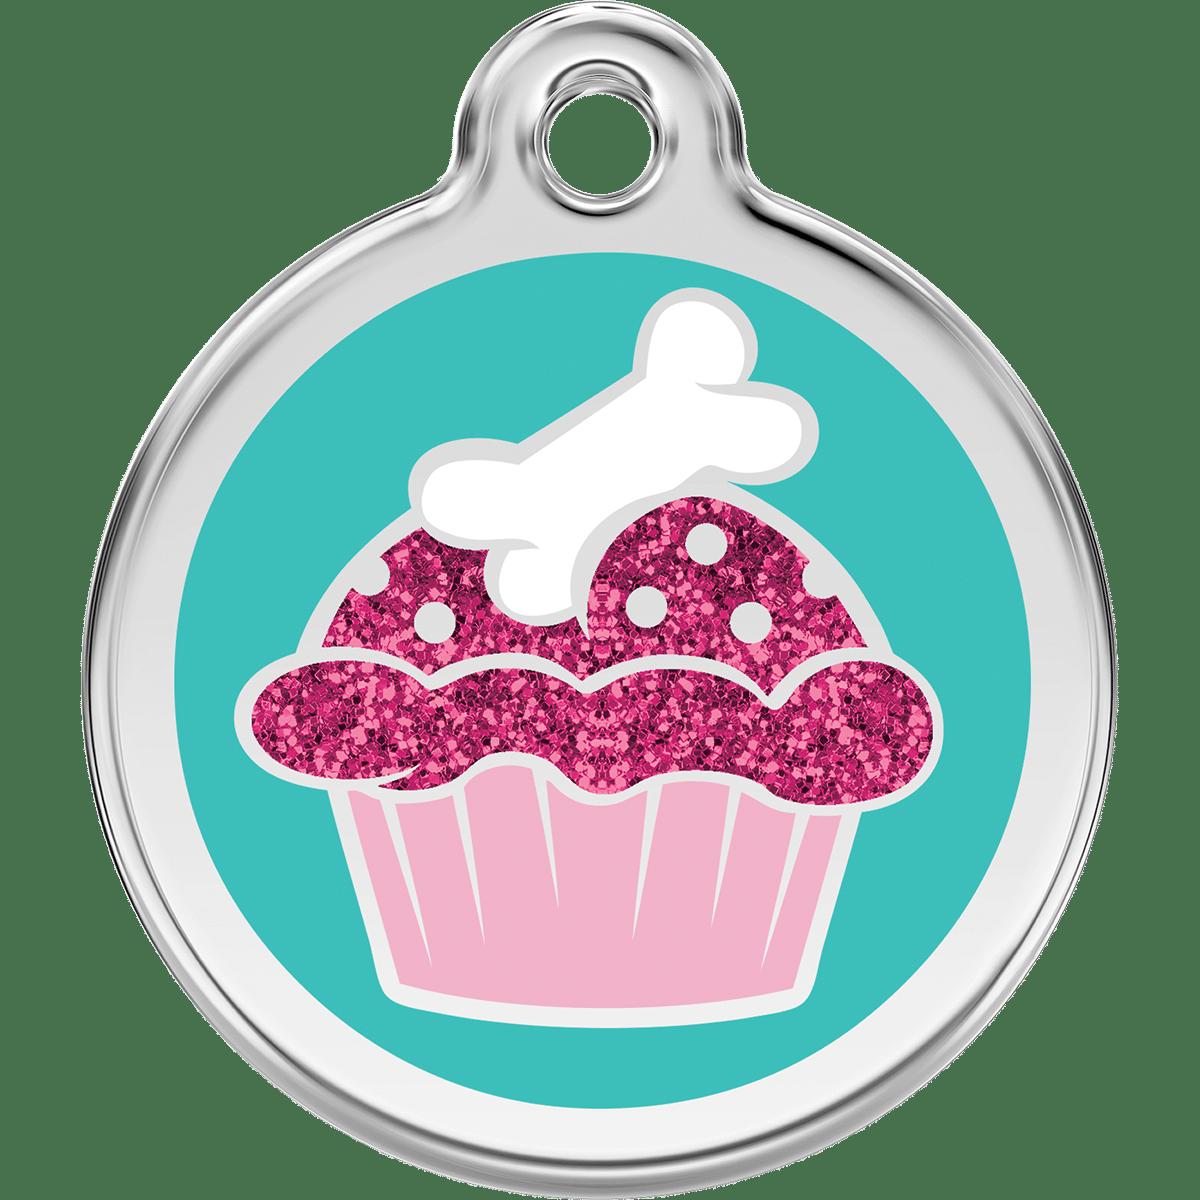 Gullig cupcake på kattens id bricka i rostfritt stål